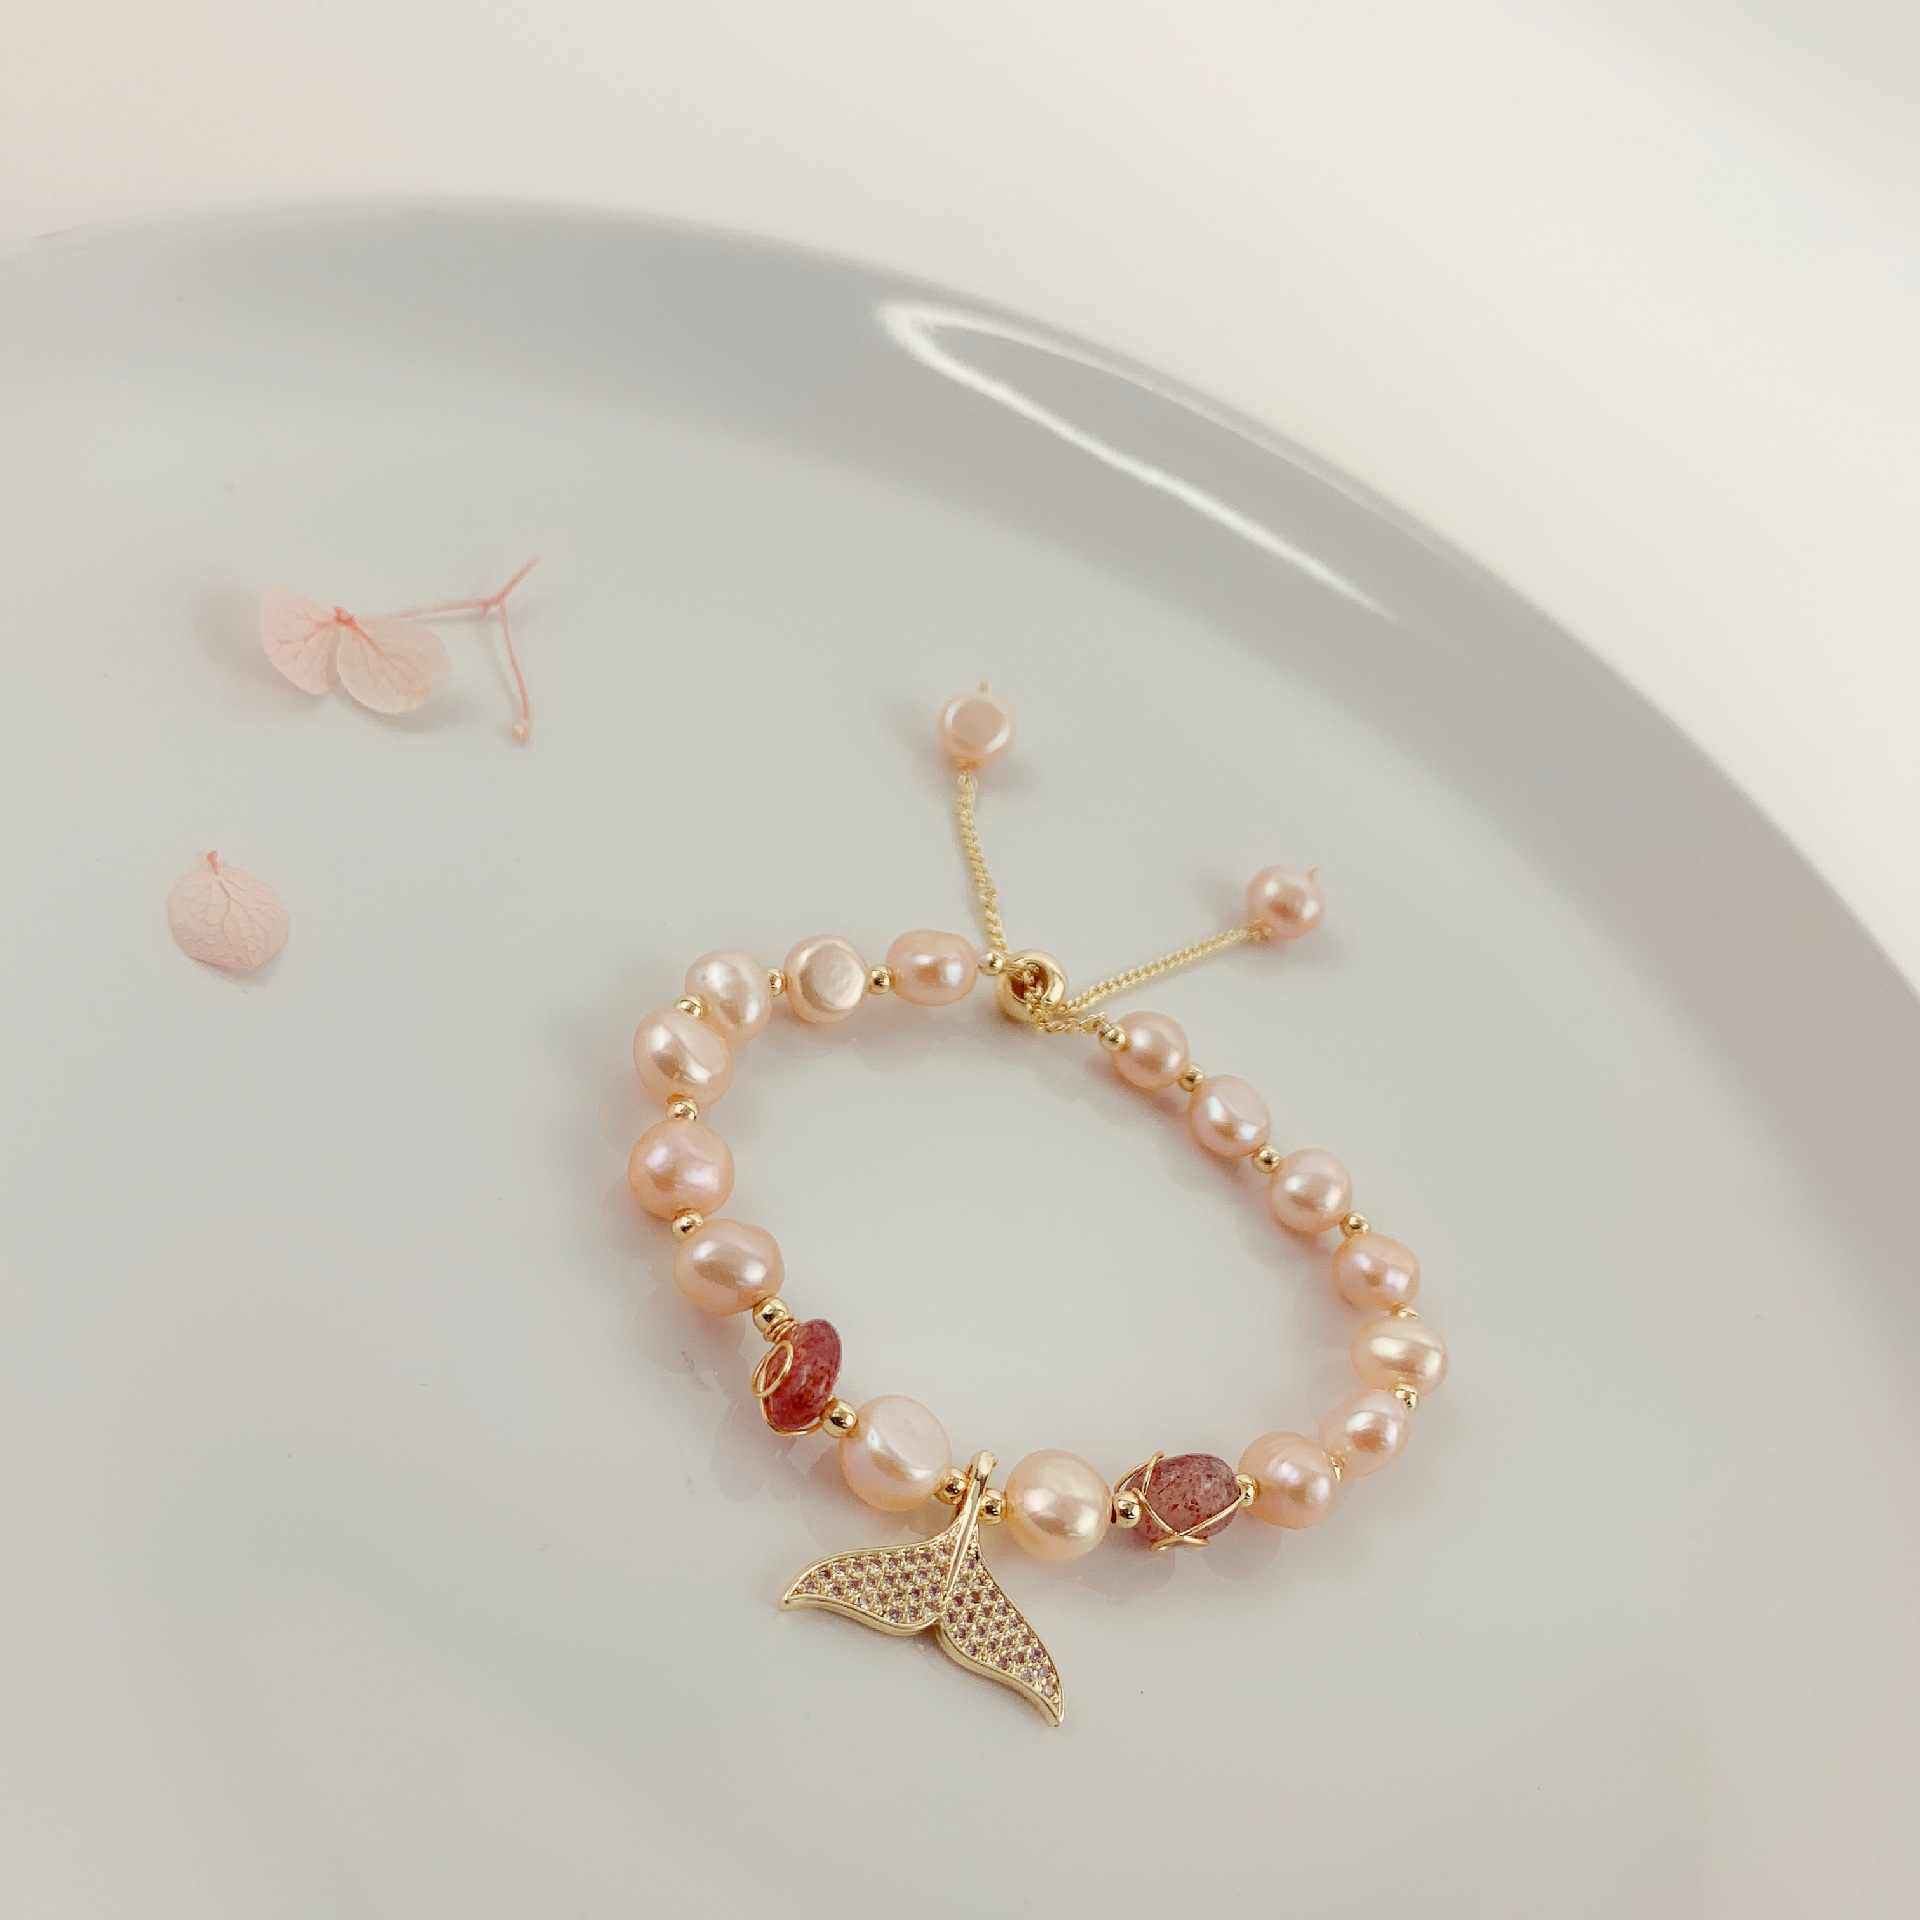 اللؤلؤ الطبيعي سمكة ذهبية الخرز سوار للنساء الفتيات هدية الكريسماس Armbanden 2019 الأزياء Kralen شارة Armbandjes السيدات